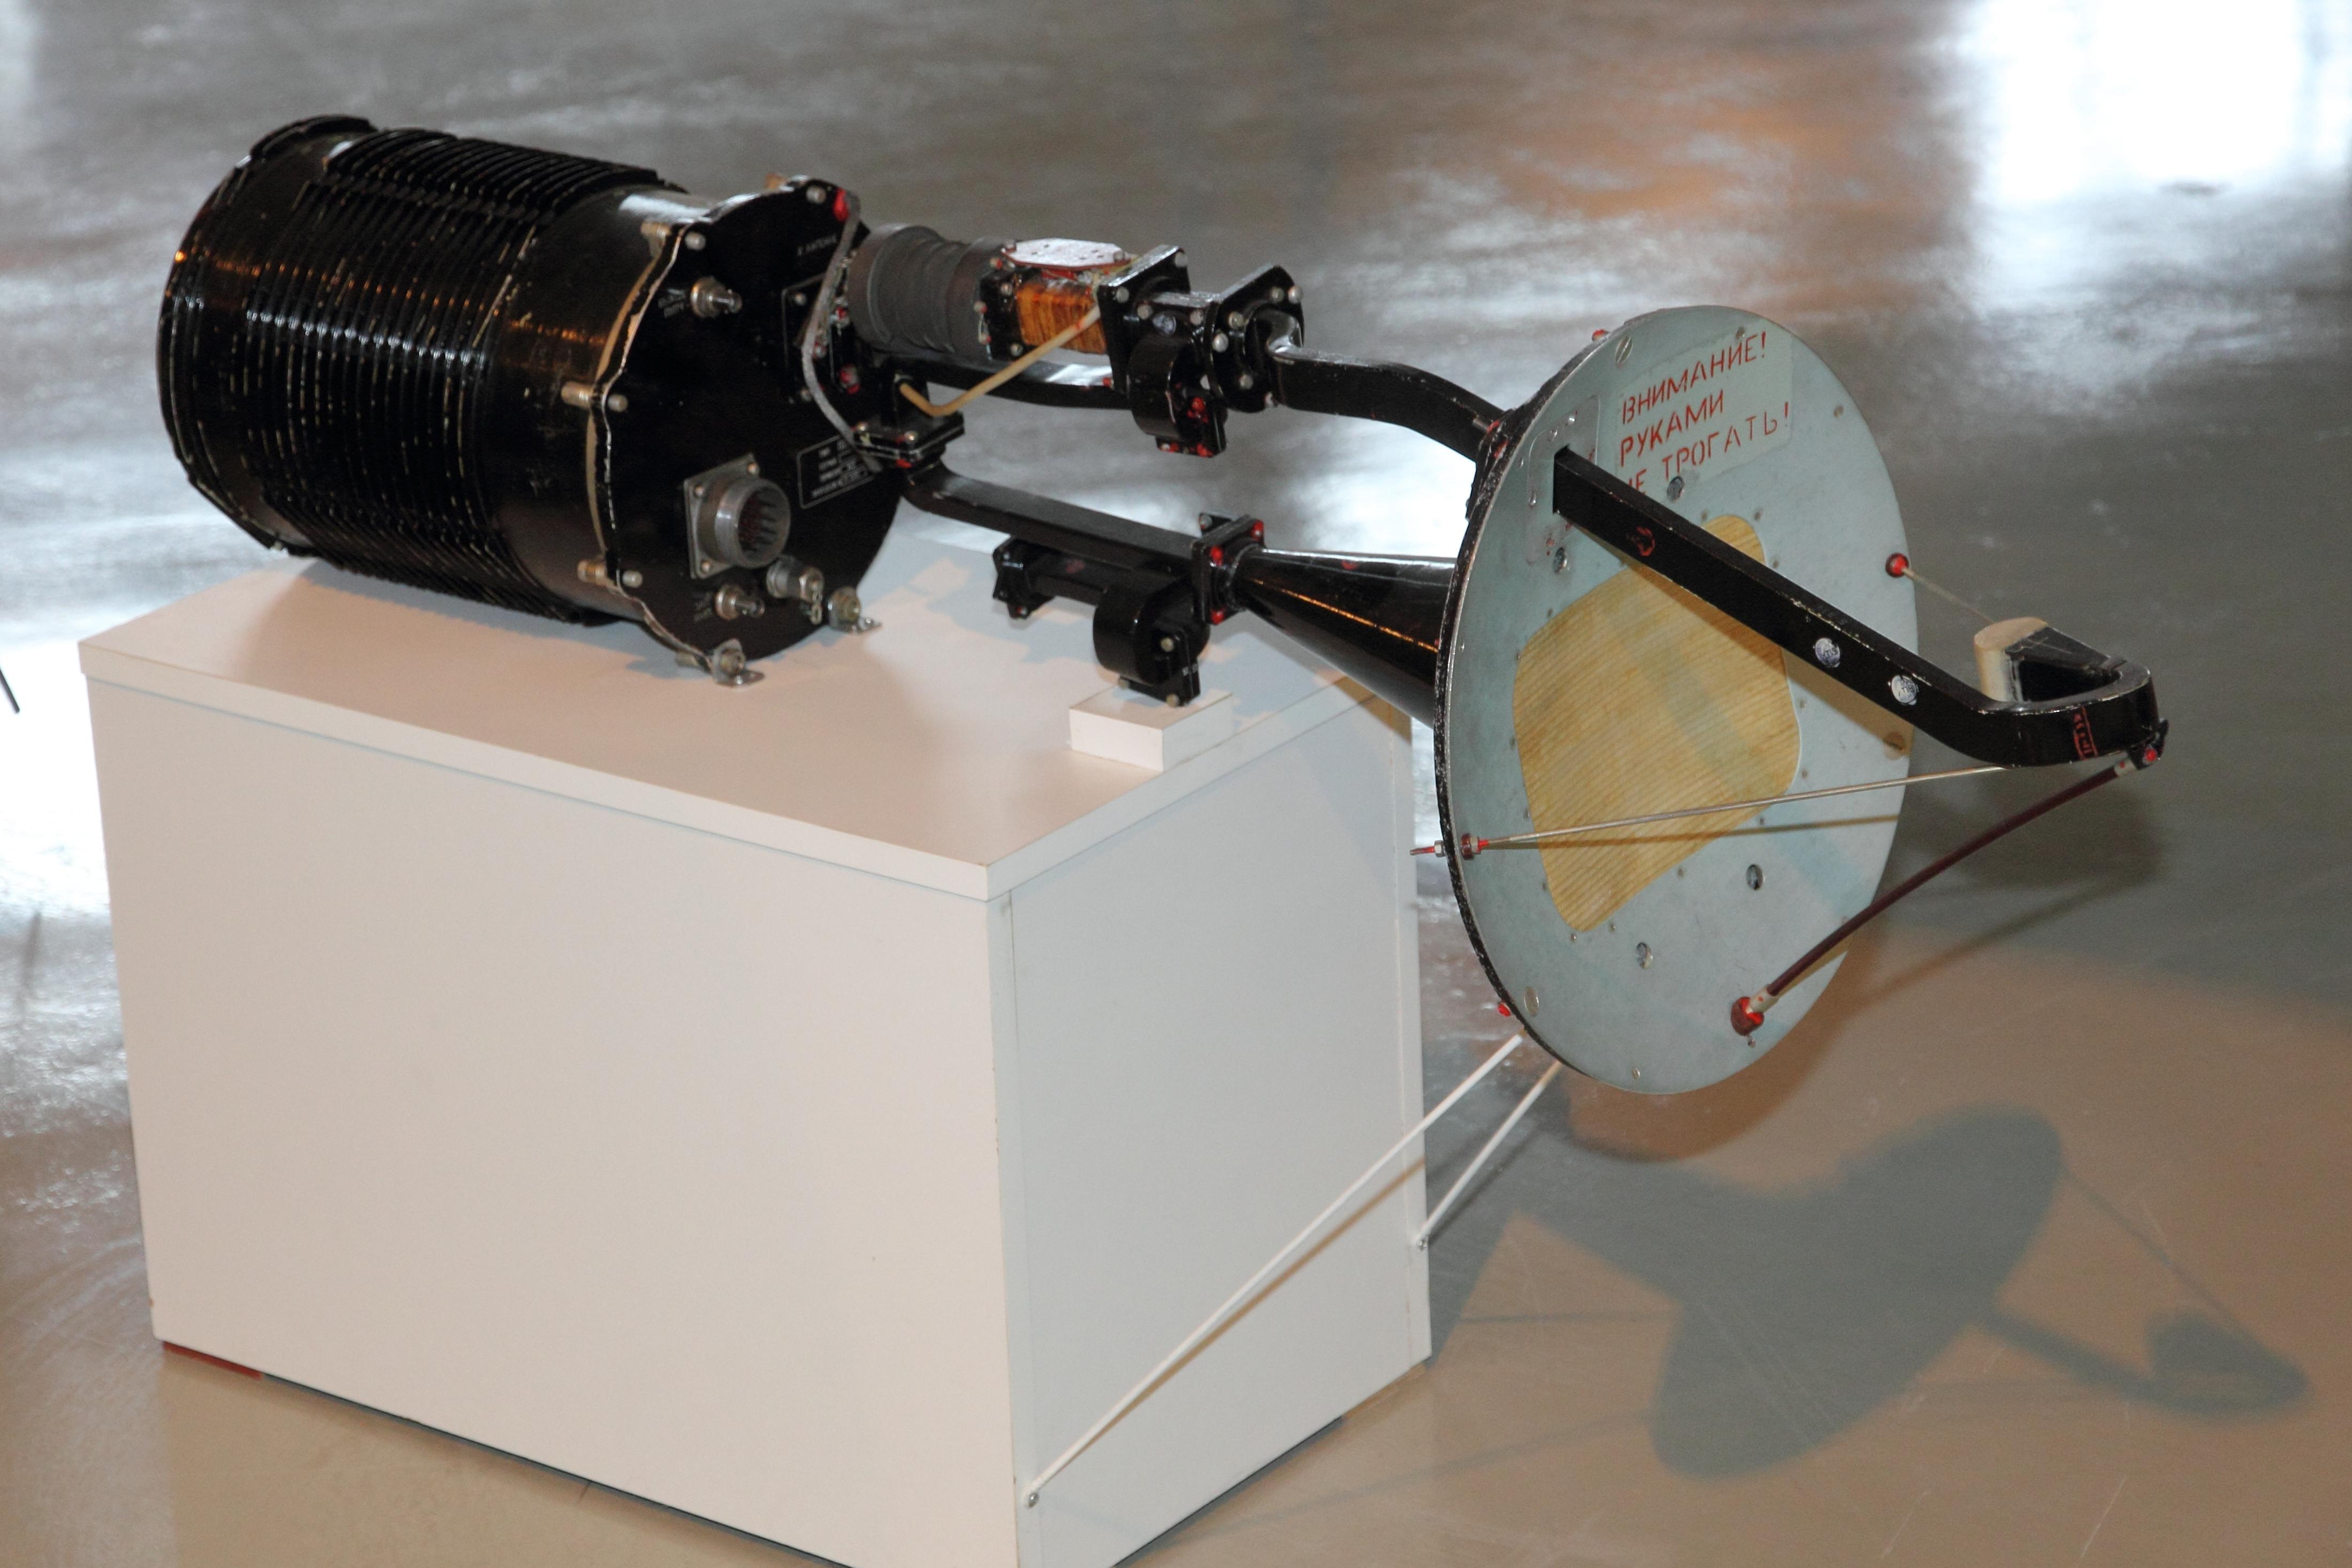 Risultato immagini per mig-21 f-13 radar